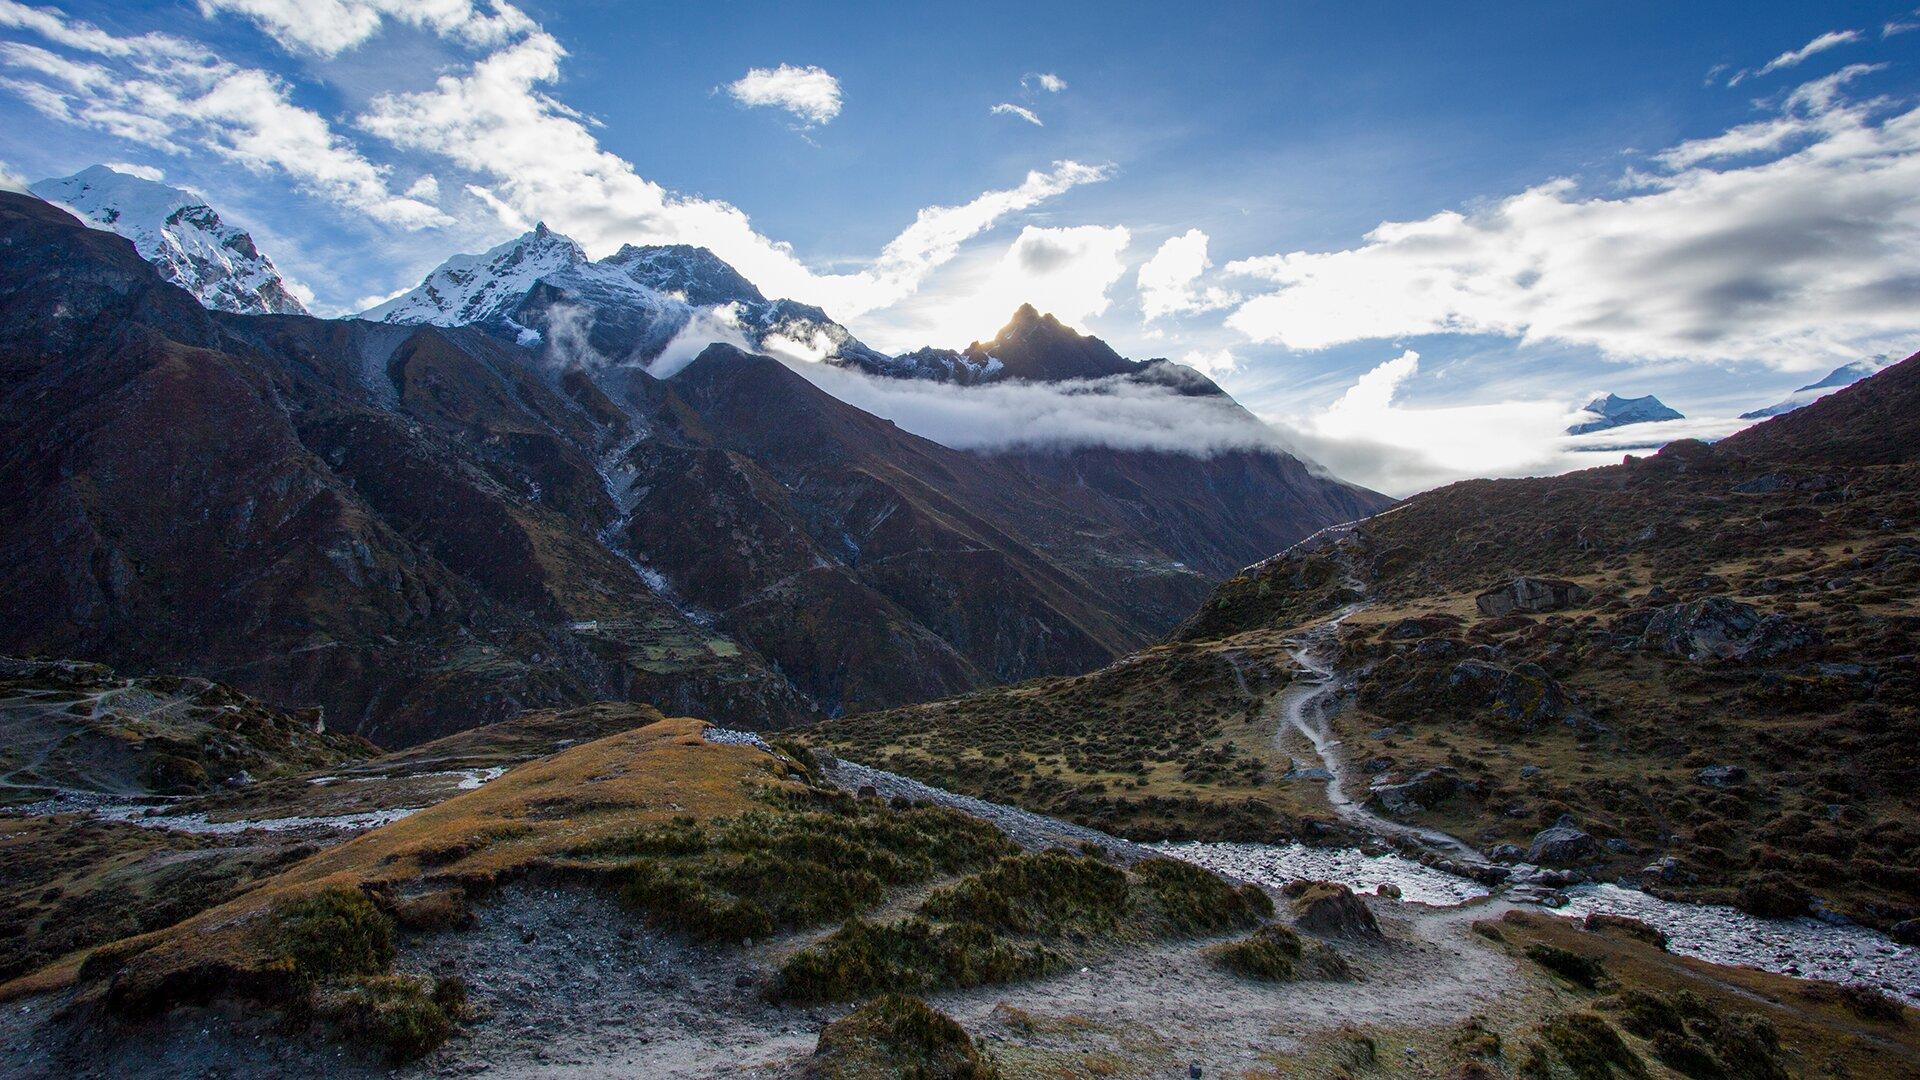 Everest Base Camp travelogue. Частина 2. Трек до базового табору Евереста - ціна, опис